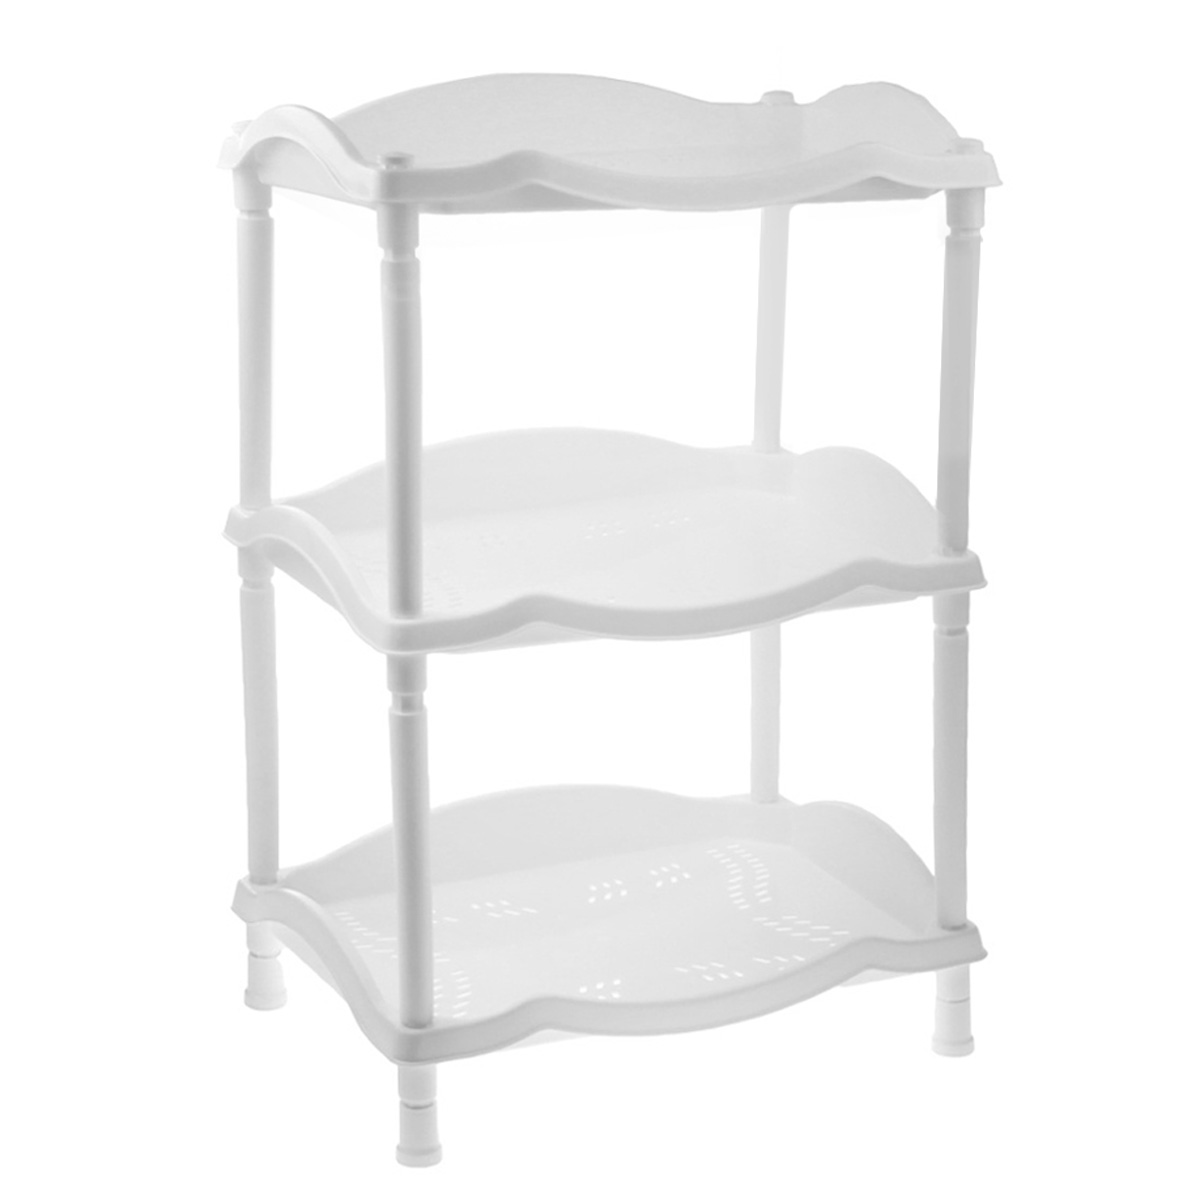 Этажерка Berossi Каскад, 3-х секционная, цвет: белый, 43,8 х 31,6 х 63,6 см157790Этажерка Berossi Каскад выполнена из высококачественного прочного пластика и предназначена для хранения различных предметов. Изделие имеет 3 полки прямоугольной формы с перфорированными стенками. В ванной комнате вы можете использовать этажерку для хранения шампуней, гелей, жидкого мыла, стиральных порошков, полотенец и т.д. Ручной инструмент и детали в вашем гараже всегда будут под рукой. Удобно ставить банки с краской, бутылки с растворителем. В гостиной этажерка позволит удобно хранить под рукой книги, журналы, газеты. С помощью этажерки также легко навести порядок в детской, она позволит удобно и компактно хранить игрушки, письменные принадлежности и учебники. Этажерка - это идеальное решение для любого помещения. Она поможет поддерживать чистоту, компактно организовать пространство и хранить вещи в порядке, а стильный дизайн сделает этажерку ярким украшением интерьера.Размер этажерки (ДхШхВ): 43,8 см х 31,6 см х 63,6 см. Размер полки (ДхШхВ): 43,8 см х 31,6 см х 6 см.